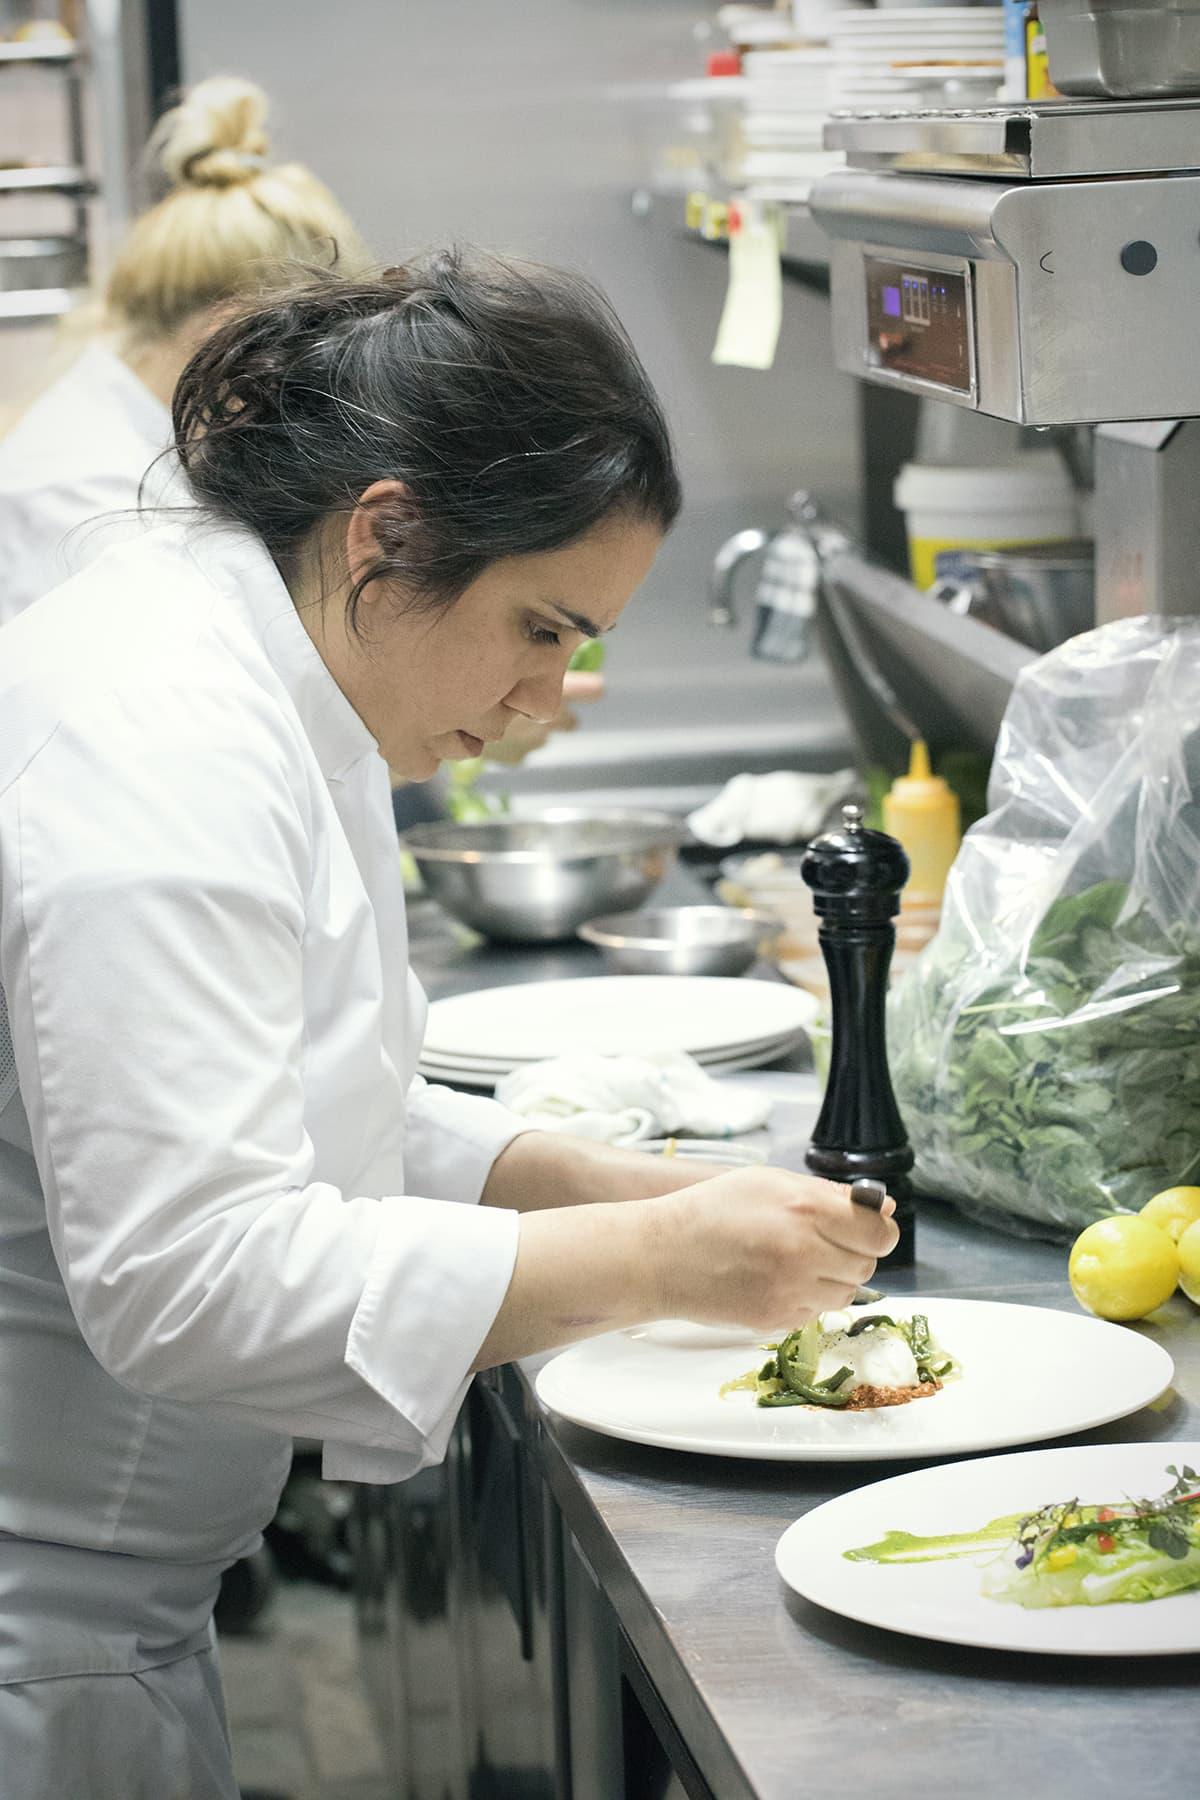 chez sophie - sophie cuisine - by gaelle vuillaume